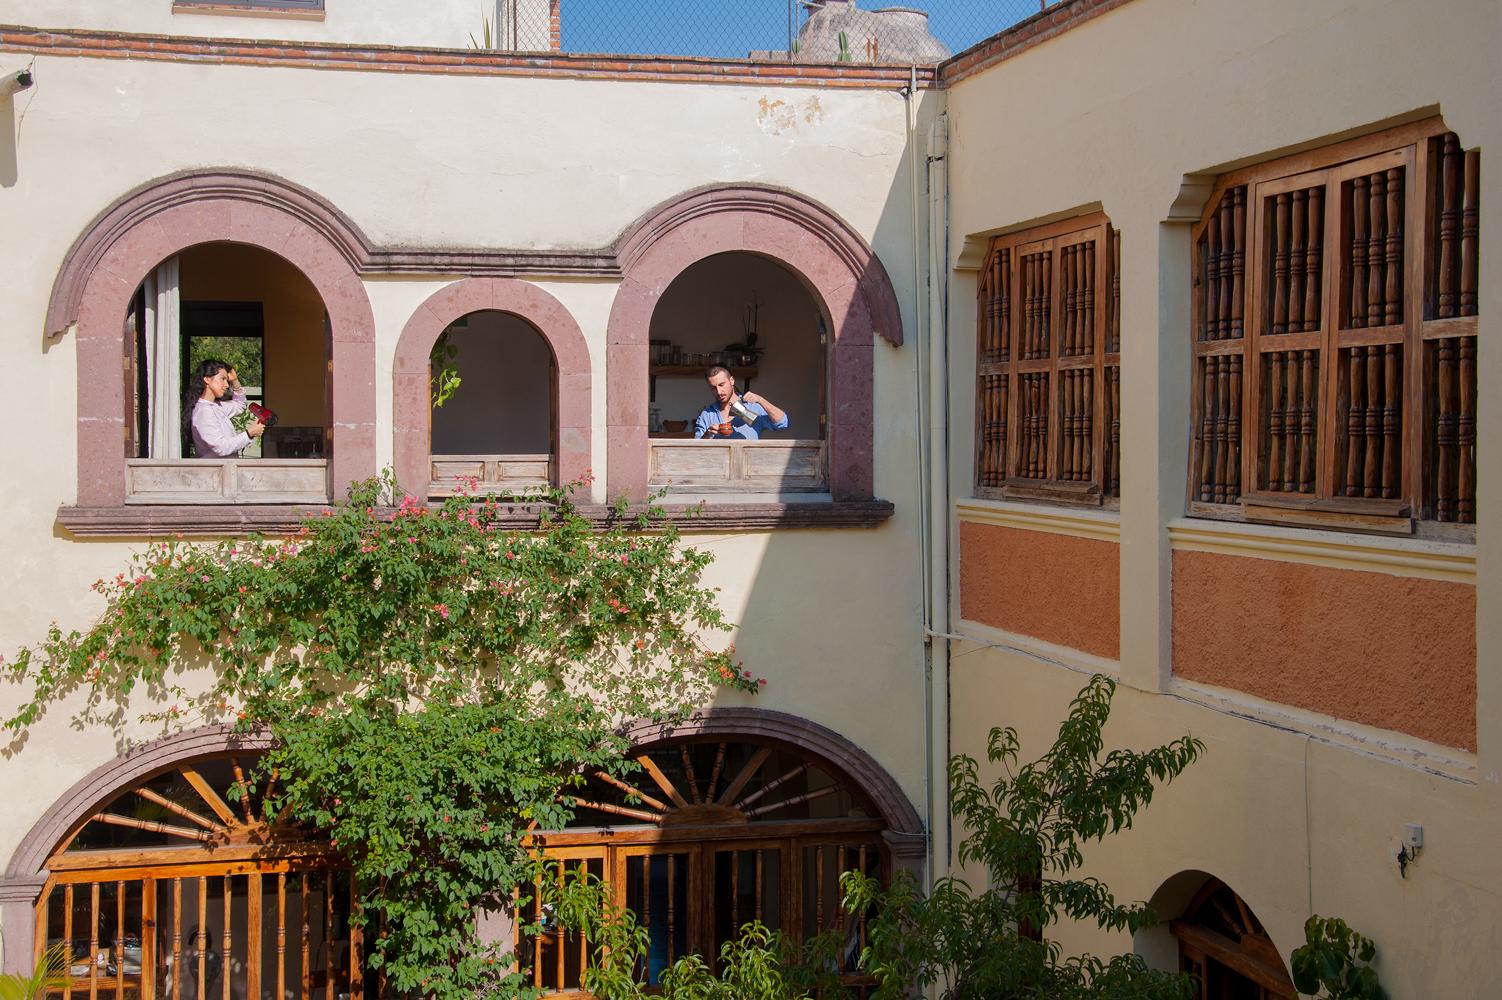 San Miguel de Allende by Filippo and Paulina self portrait filippogiusti1@gmail.com